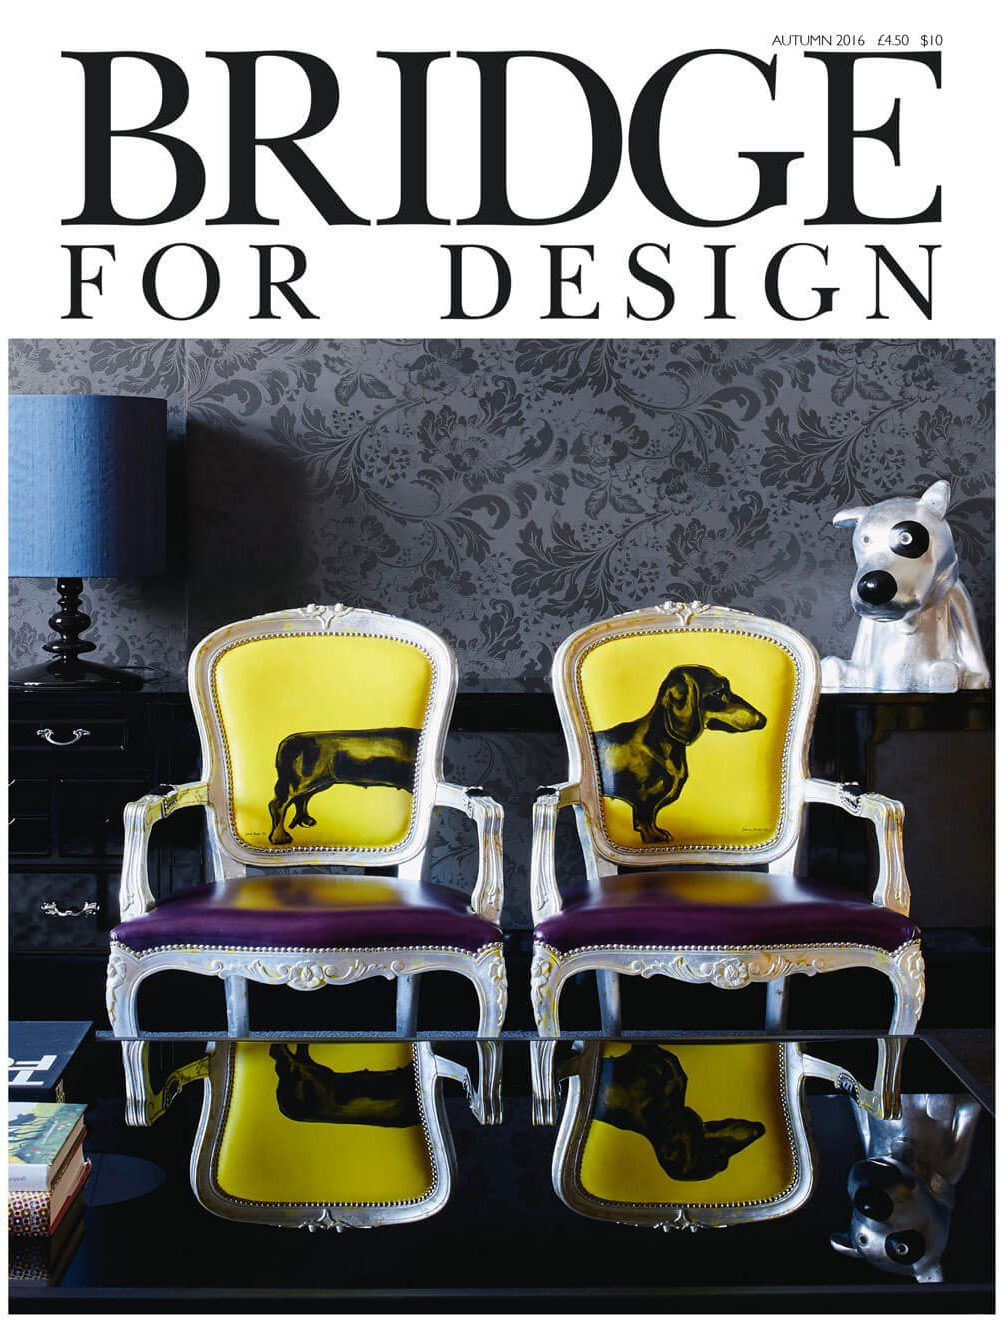 Bridge-for-Design_Autumn16-aspect-ratio-170×225